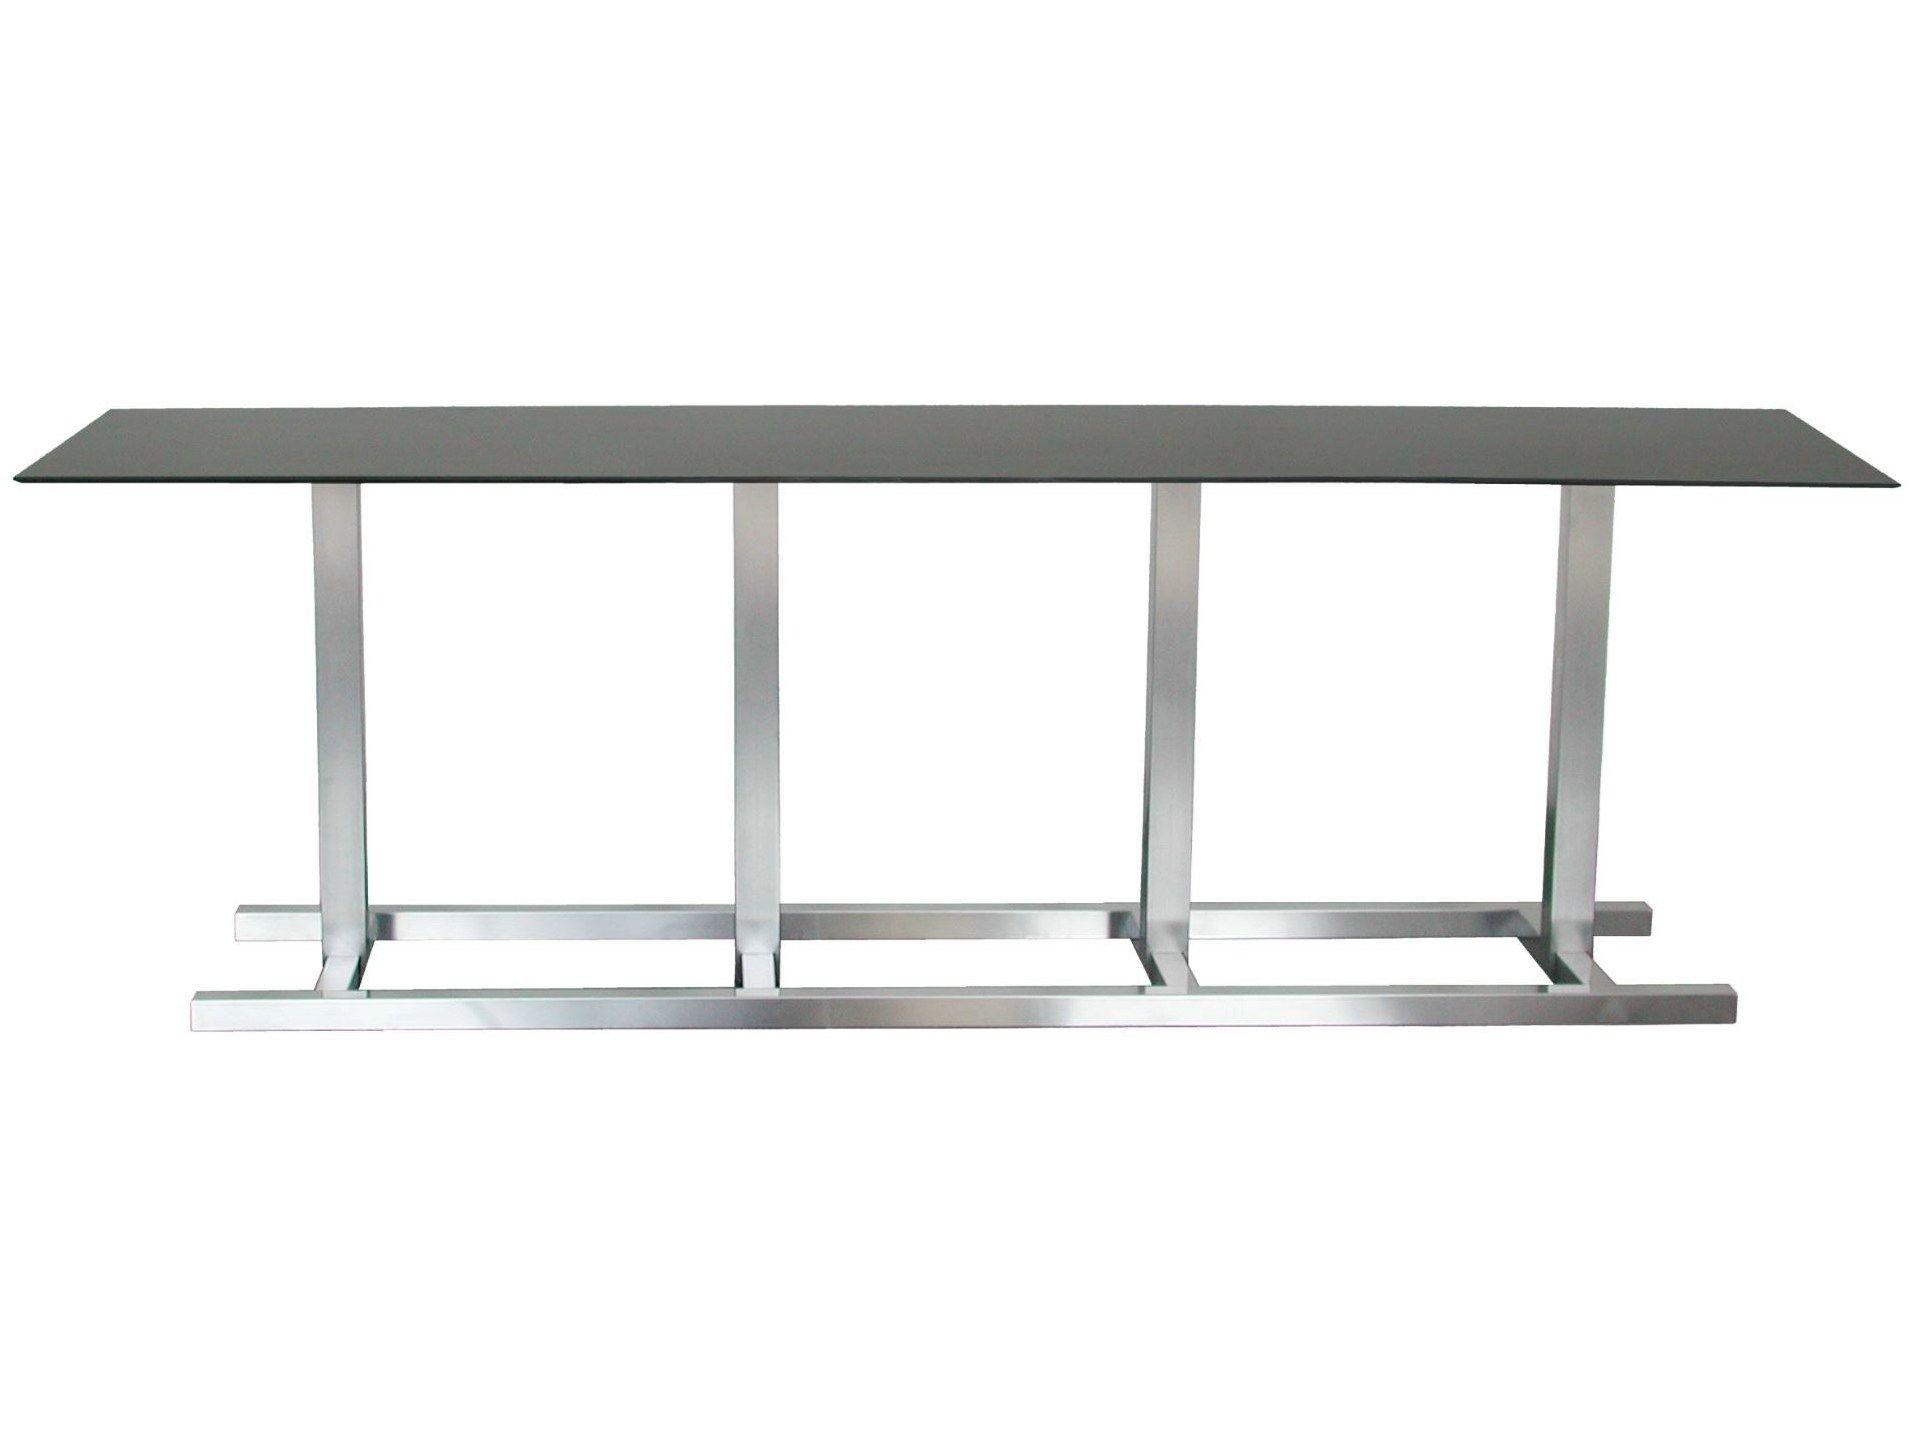 Table rectangulaire en acier inoxydable pour chr step 204 - Table en acier inoxydable ...